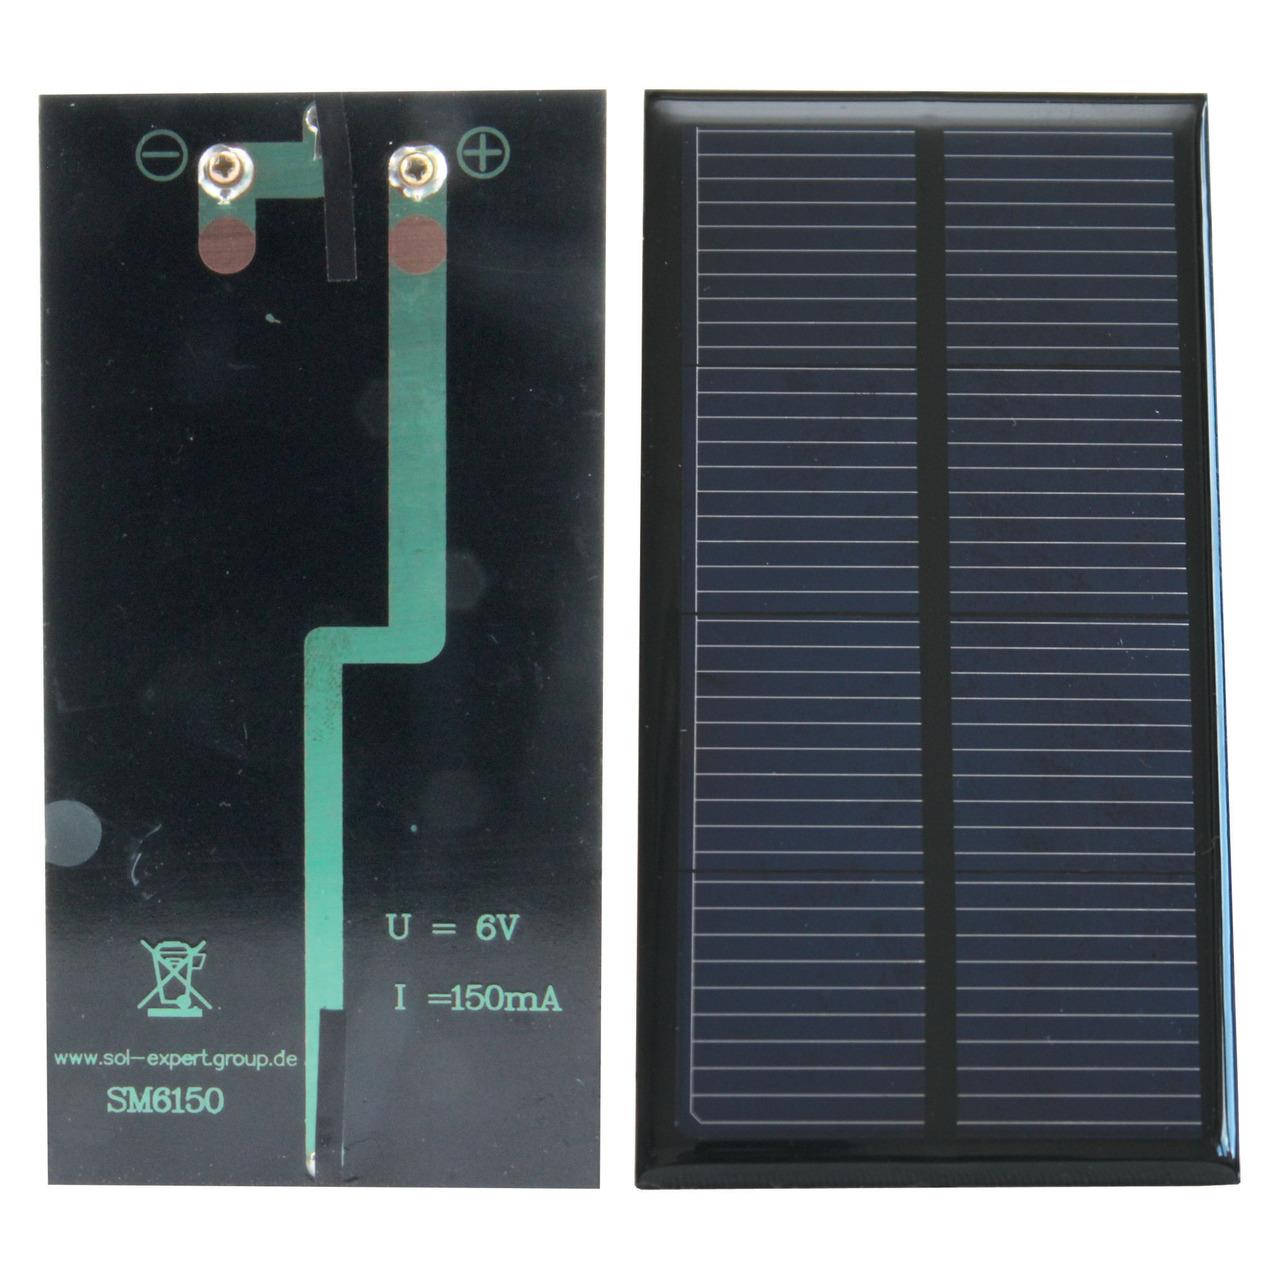 SOL-Expert Solarzelle SM6150- vergossen